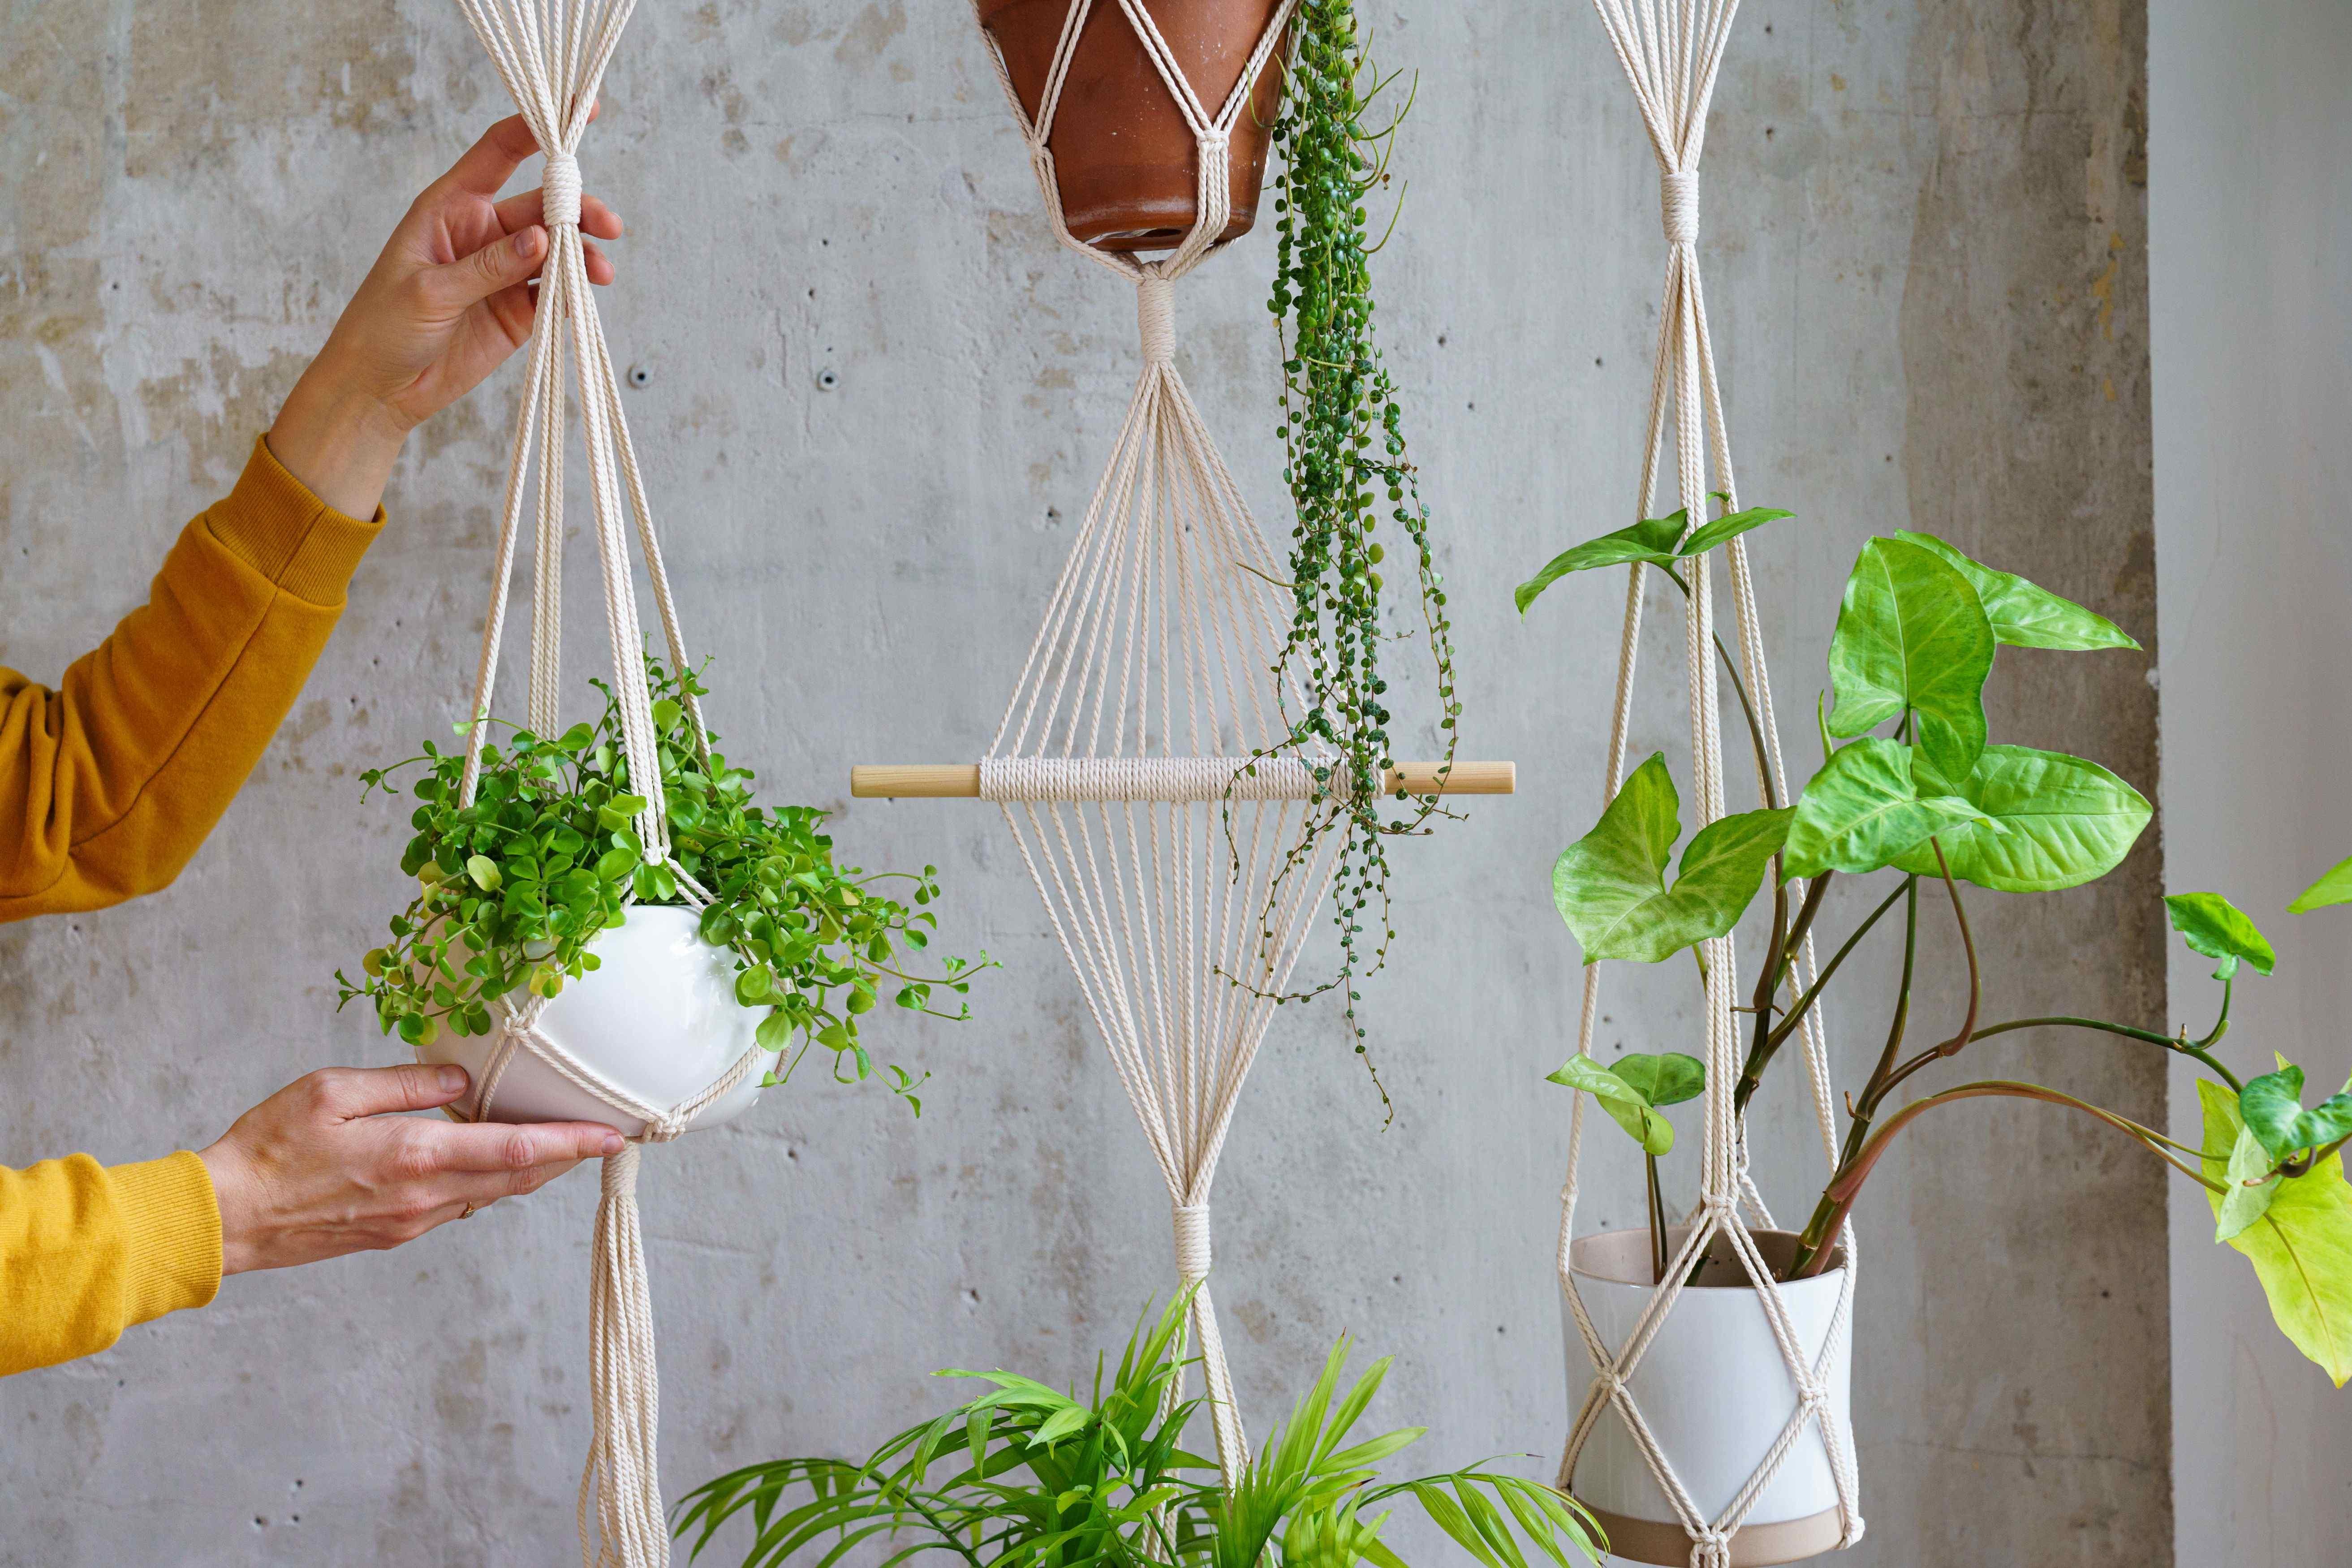 Cómo elegir macetas y jardineras para tu terraza o balcón